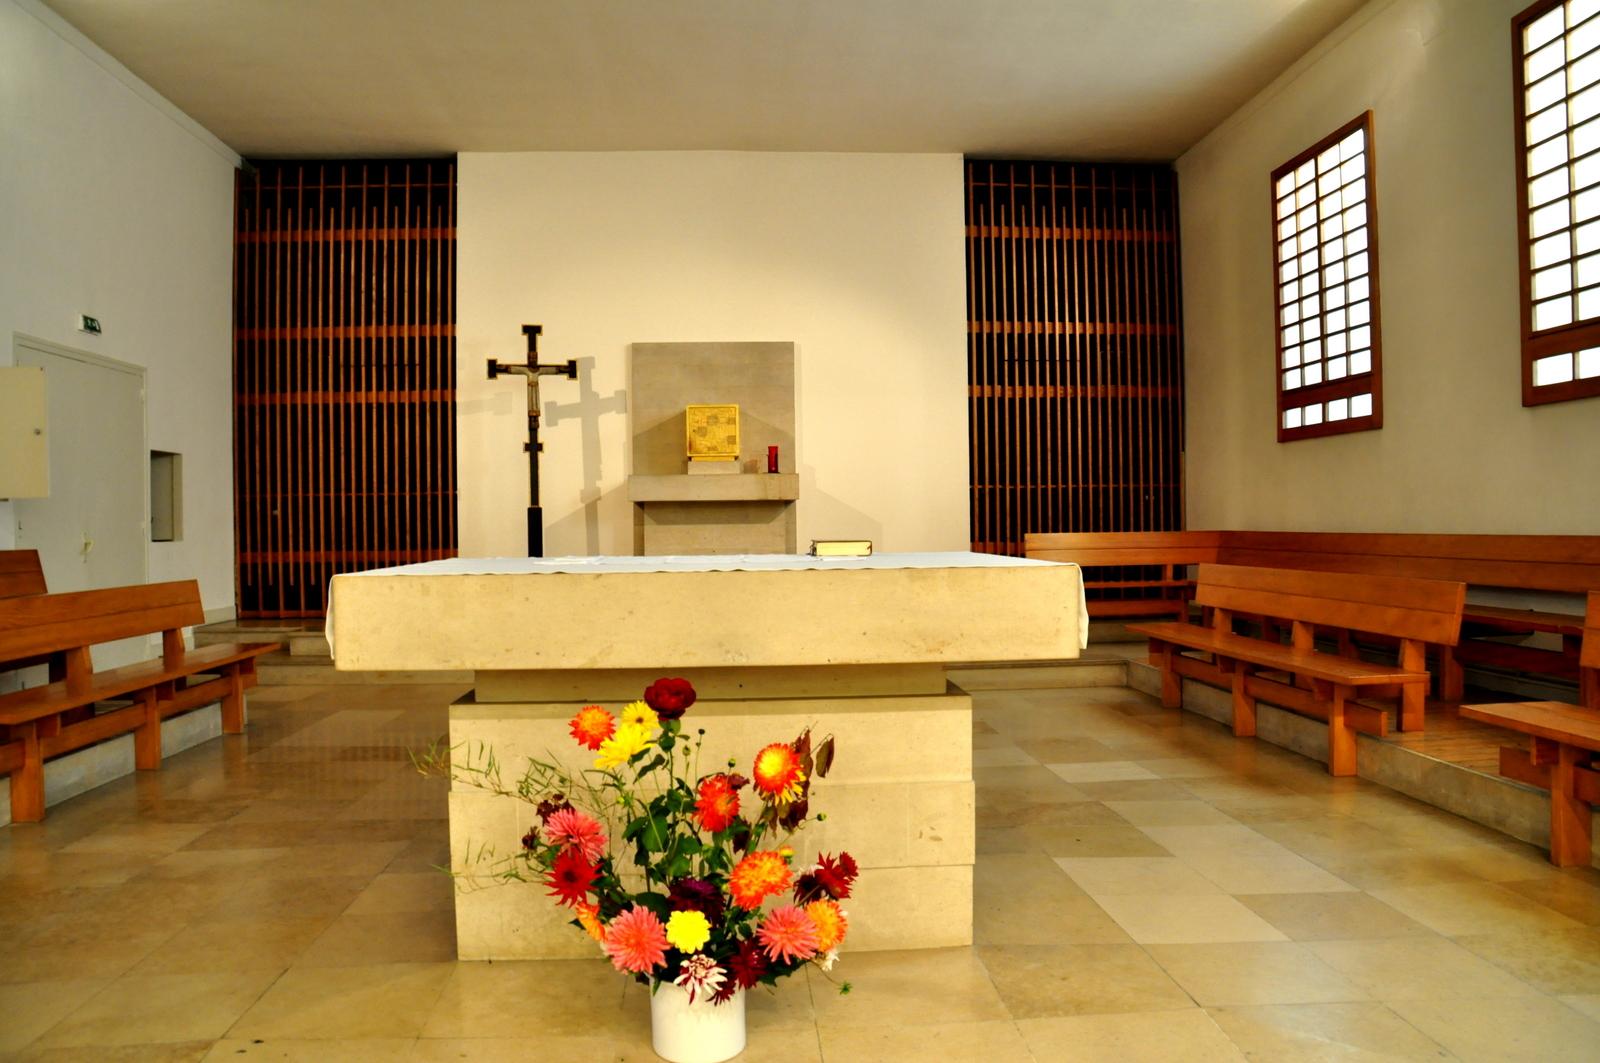 Messe de réparation au couvent des carmes d'Avon